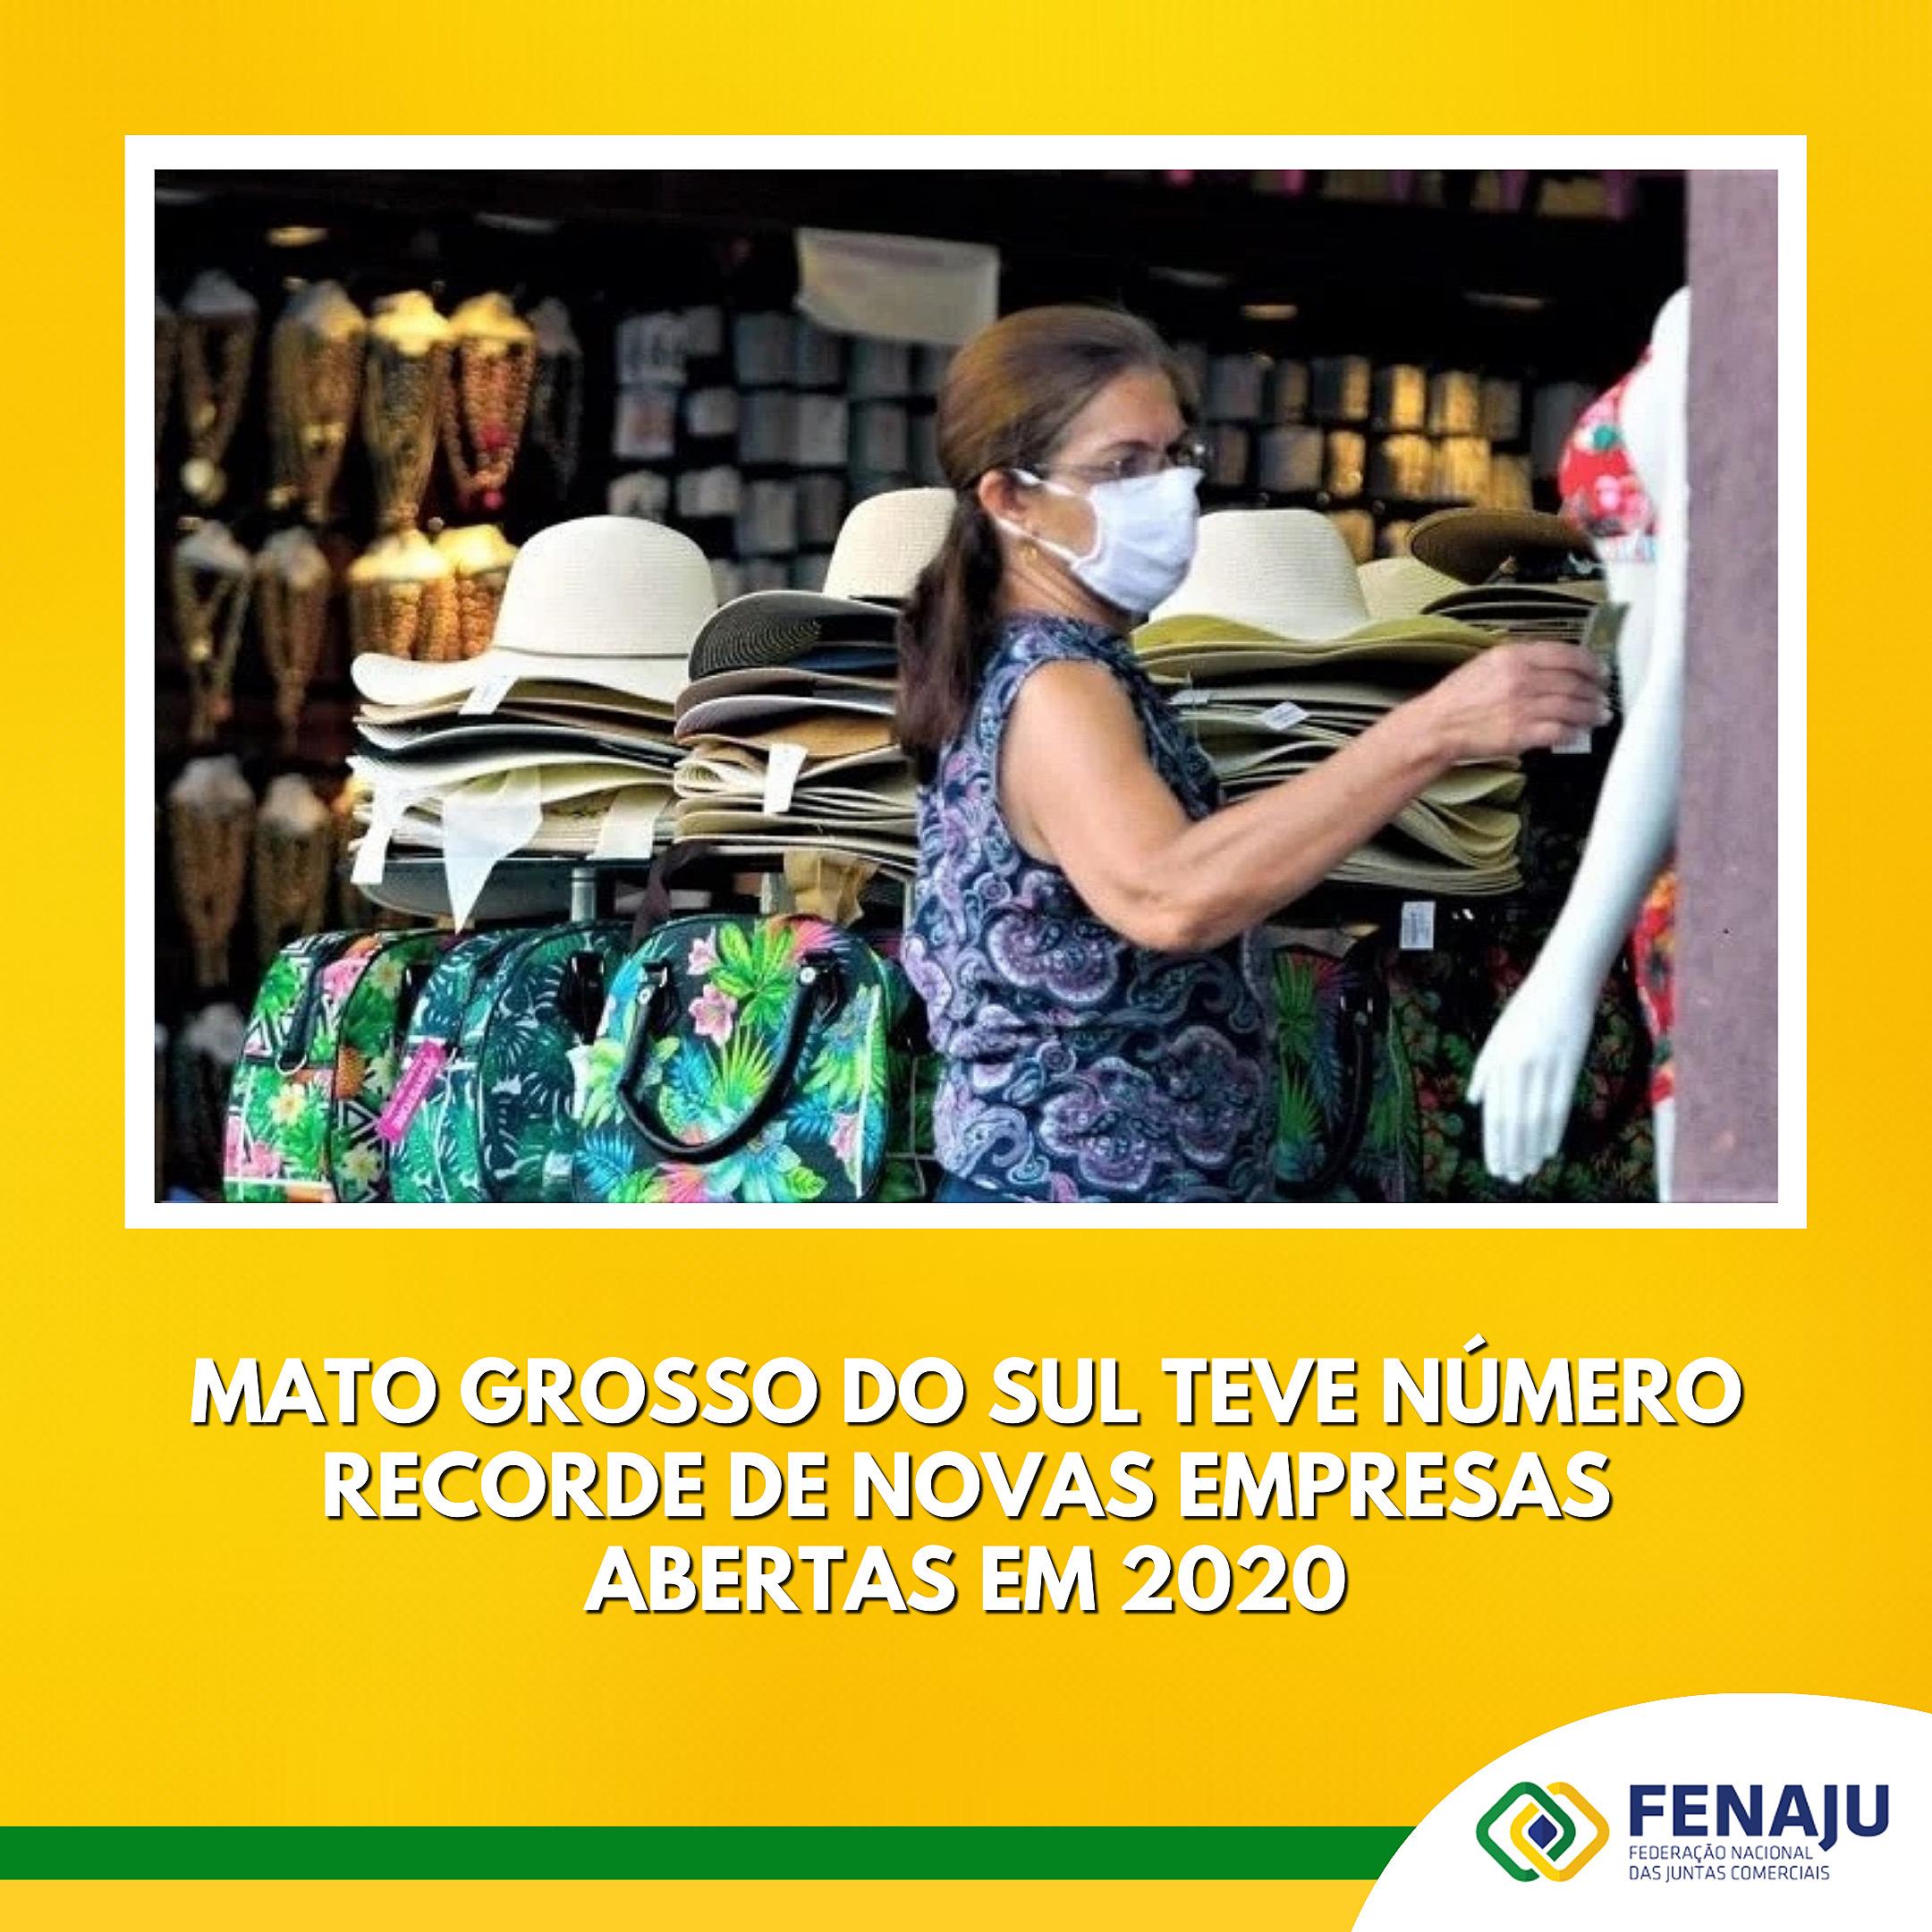 Mato Grosso do Sul teve número recorde de novas empresas abertas em 2020